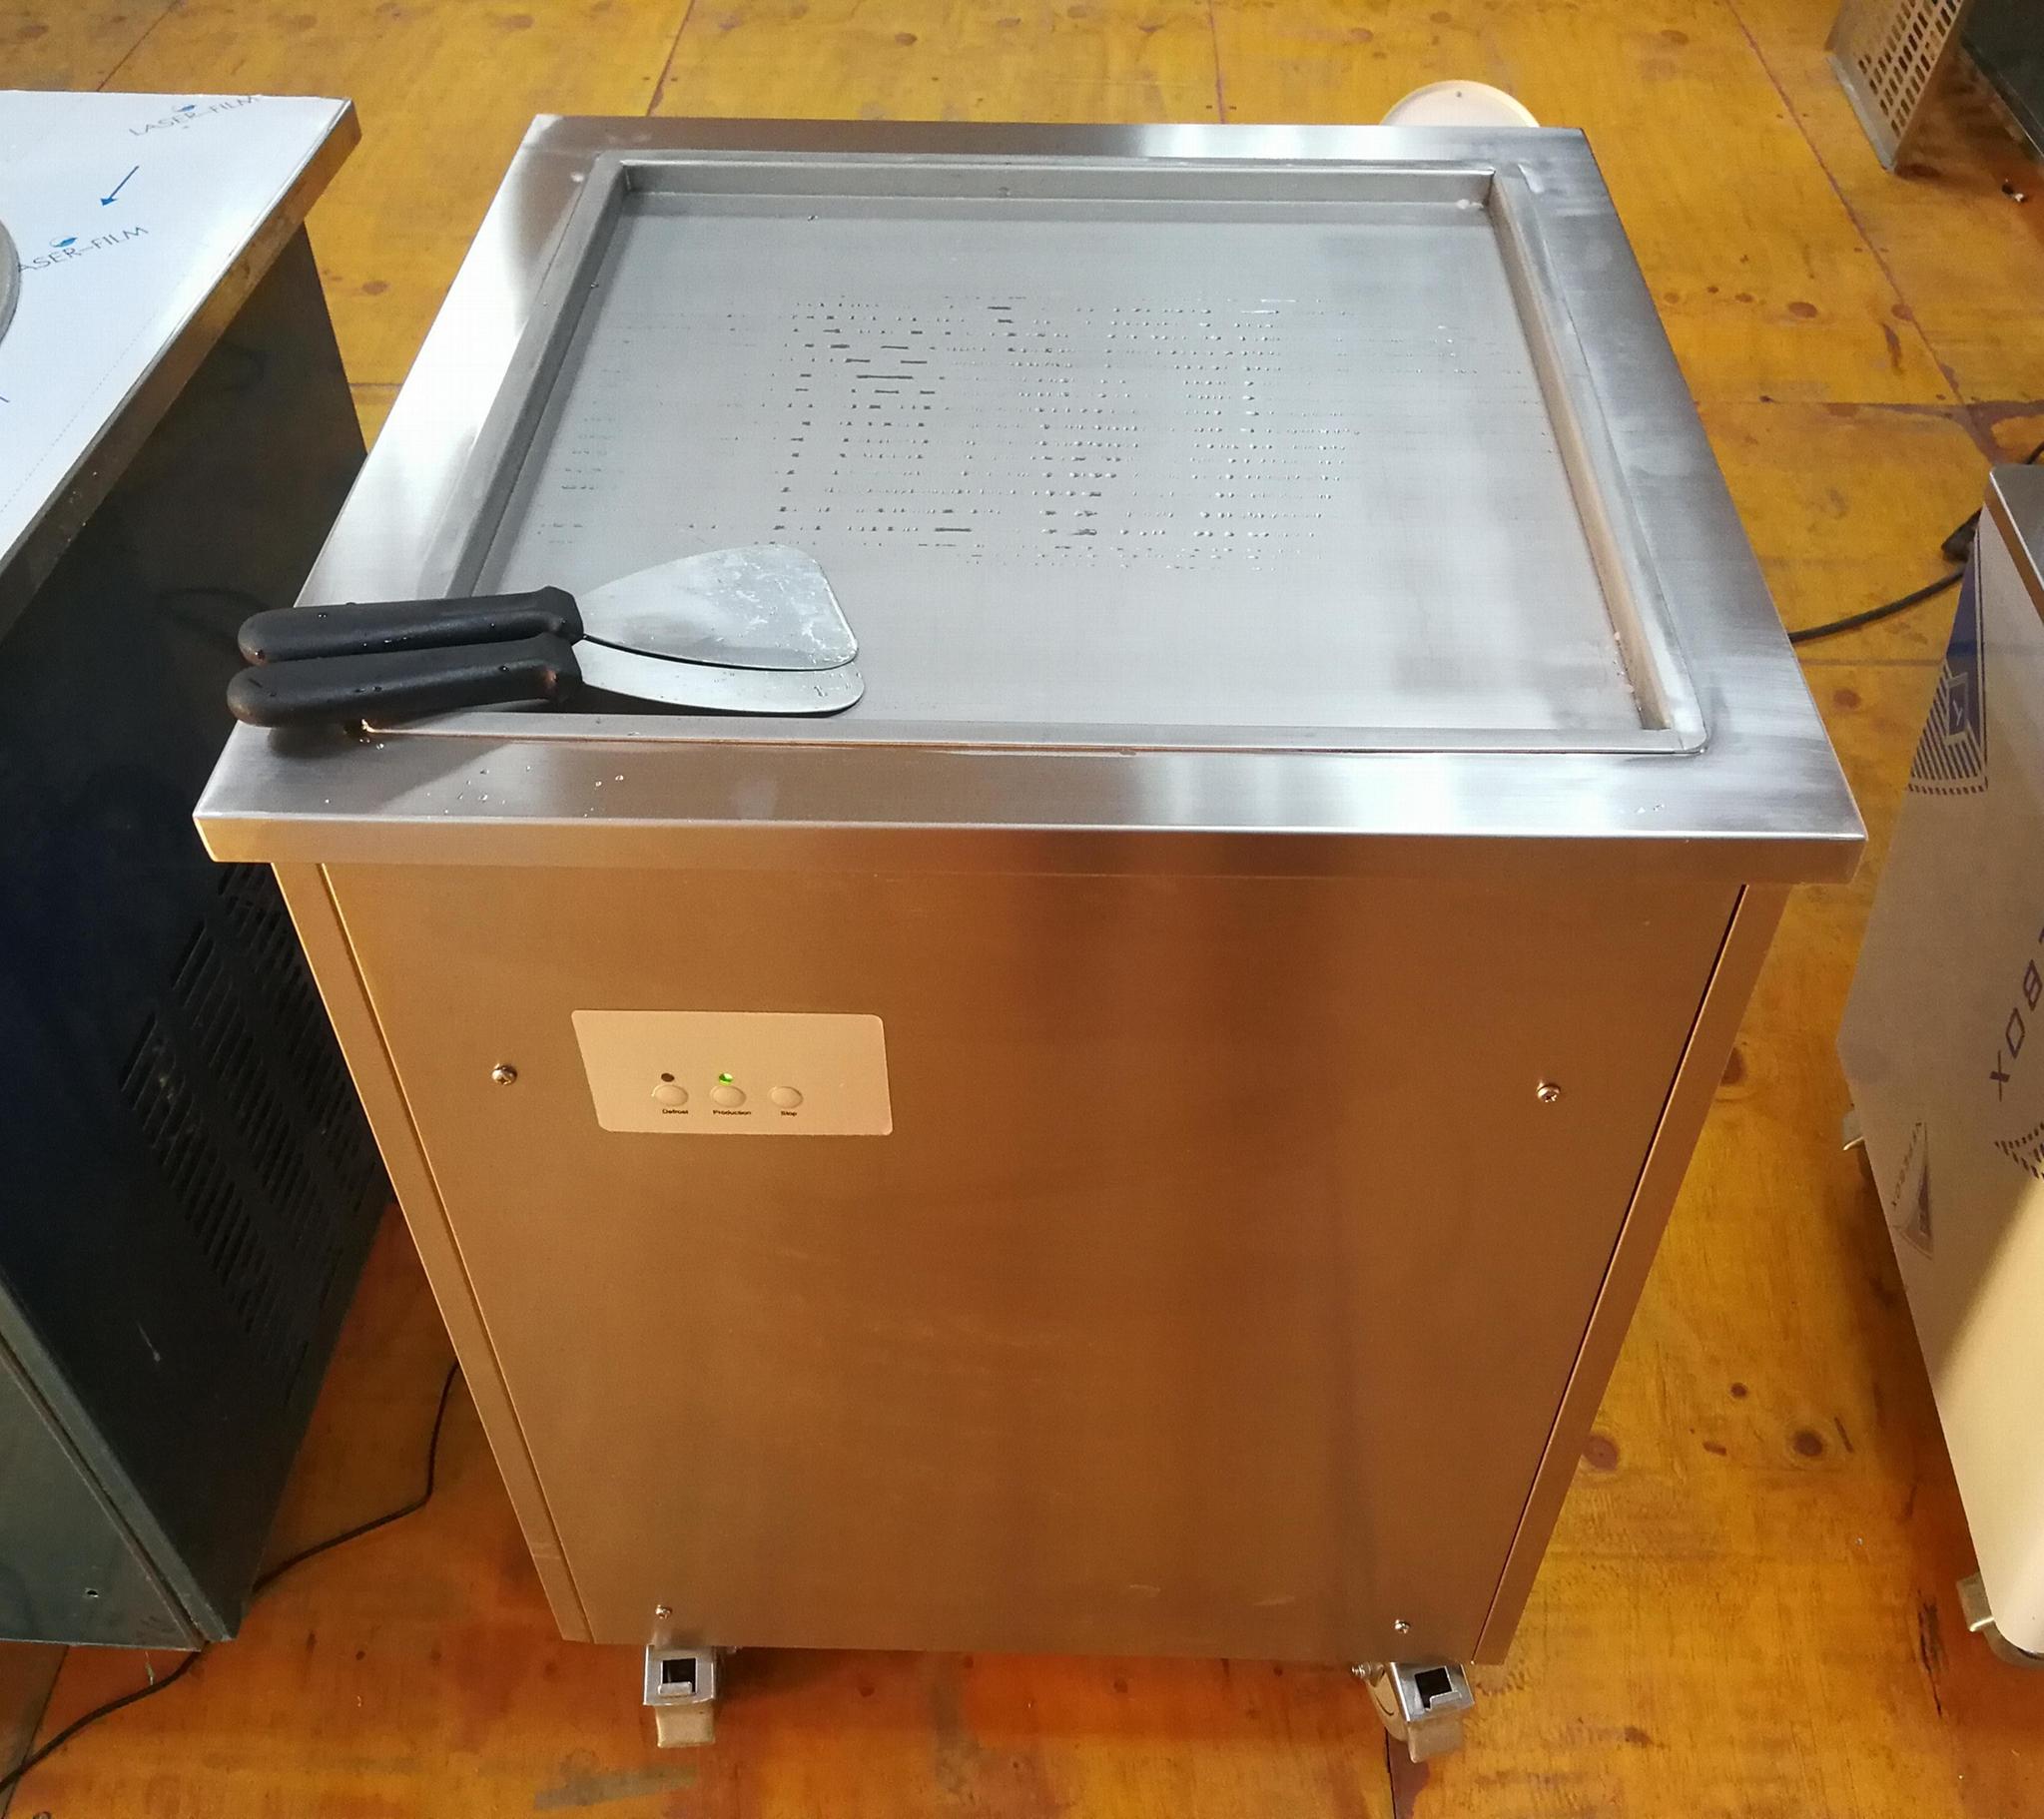 方鍋炒冰機商用 小型炒酸奶機 泰式單鍋炒冰淇淋卷機